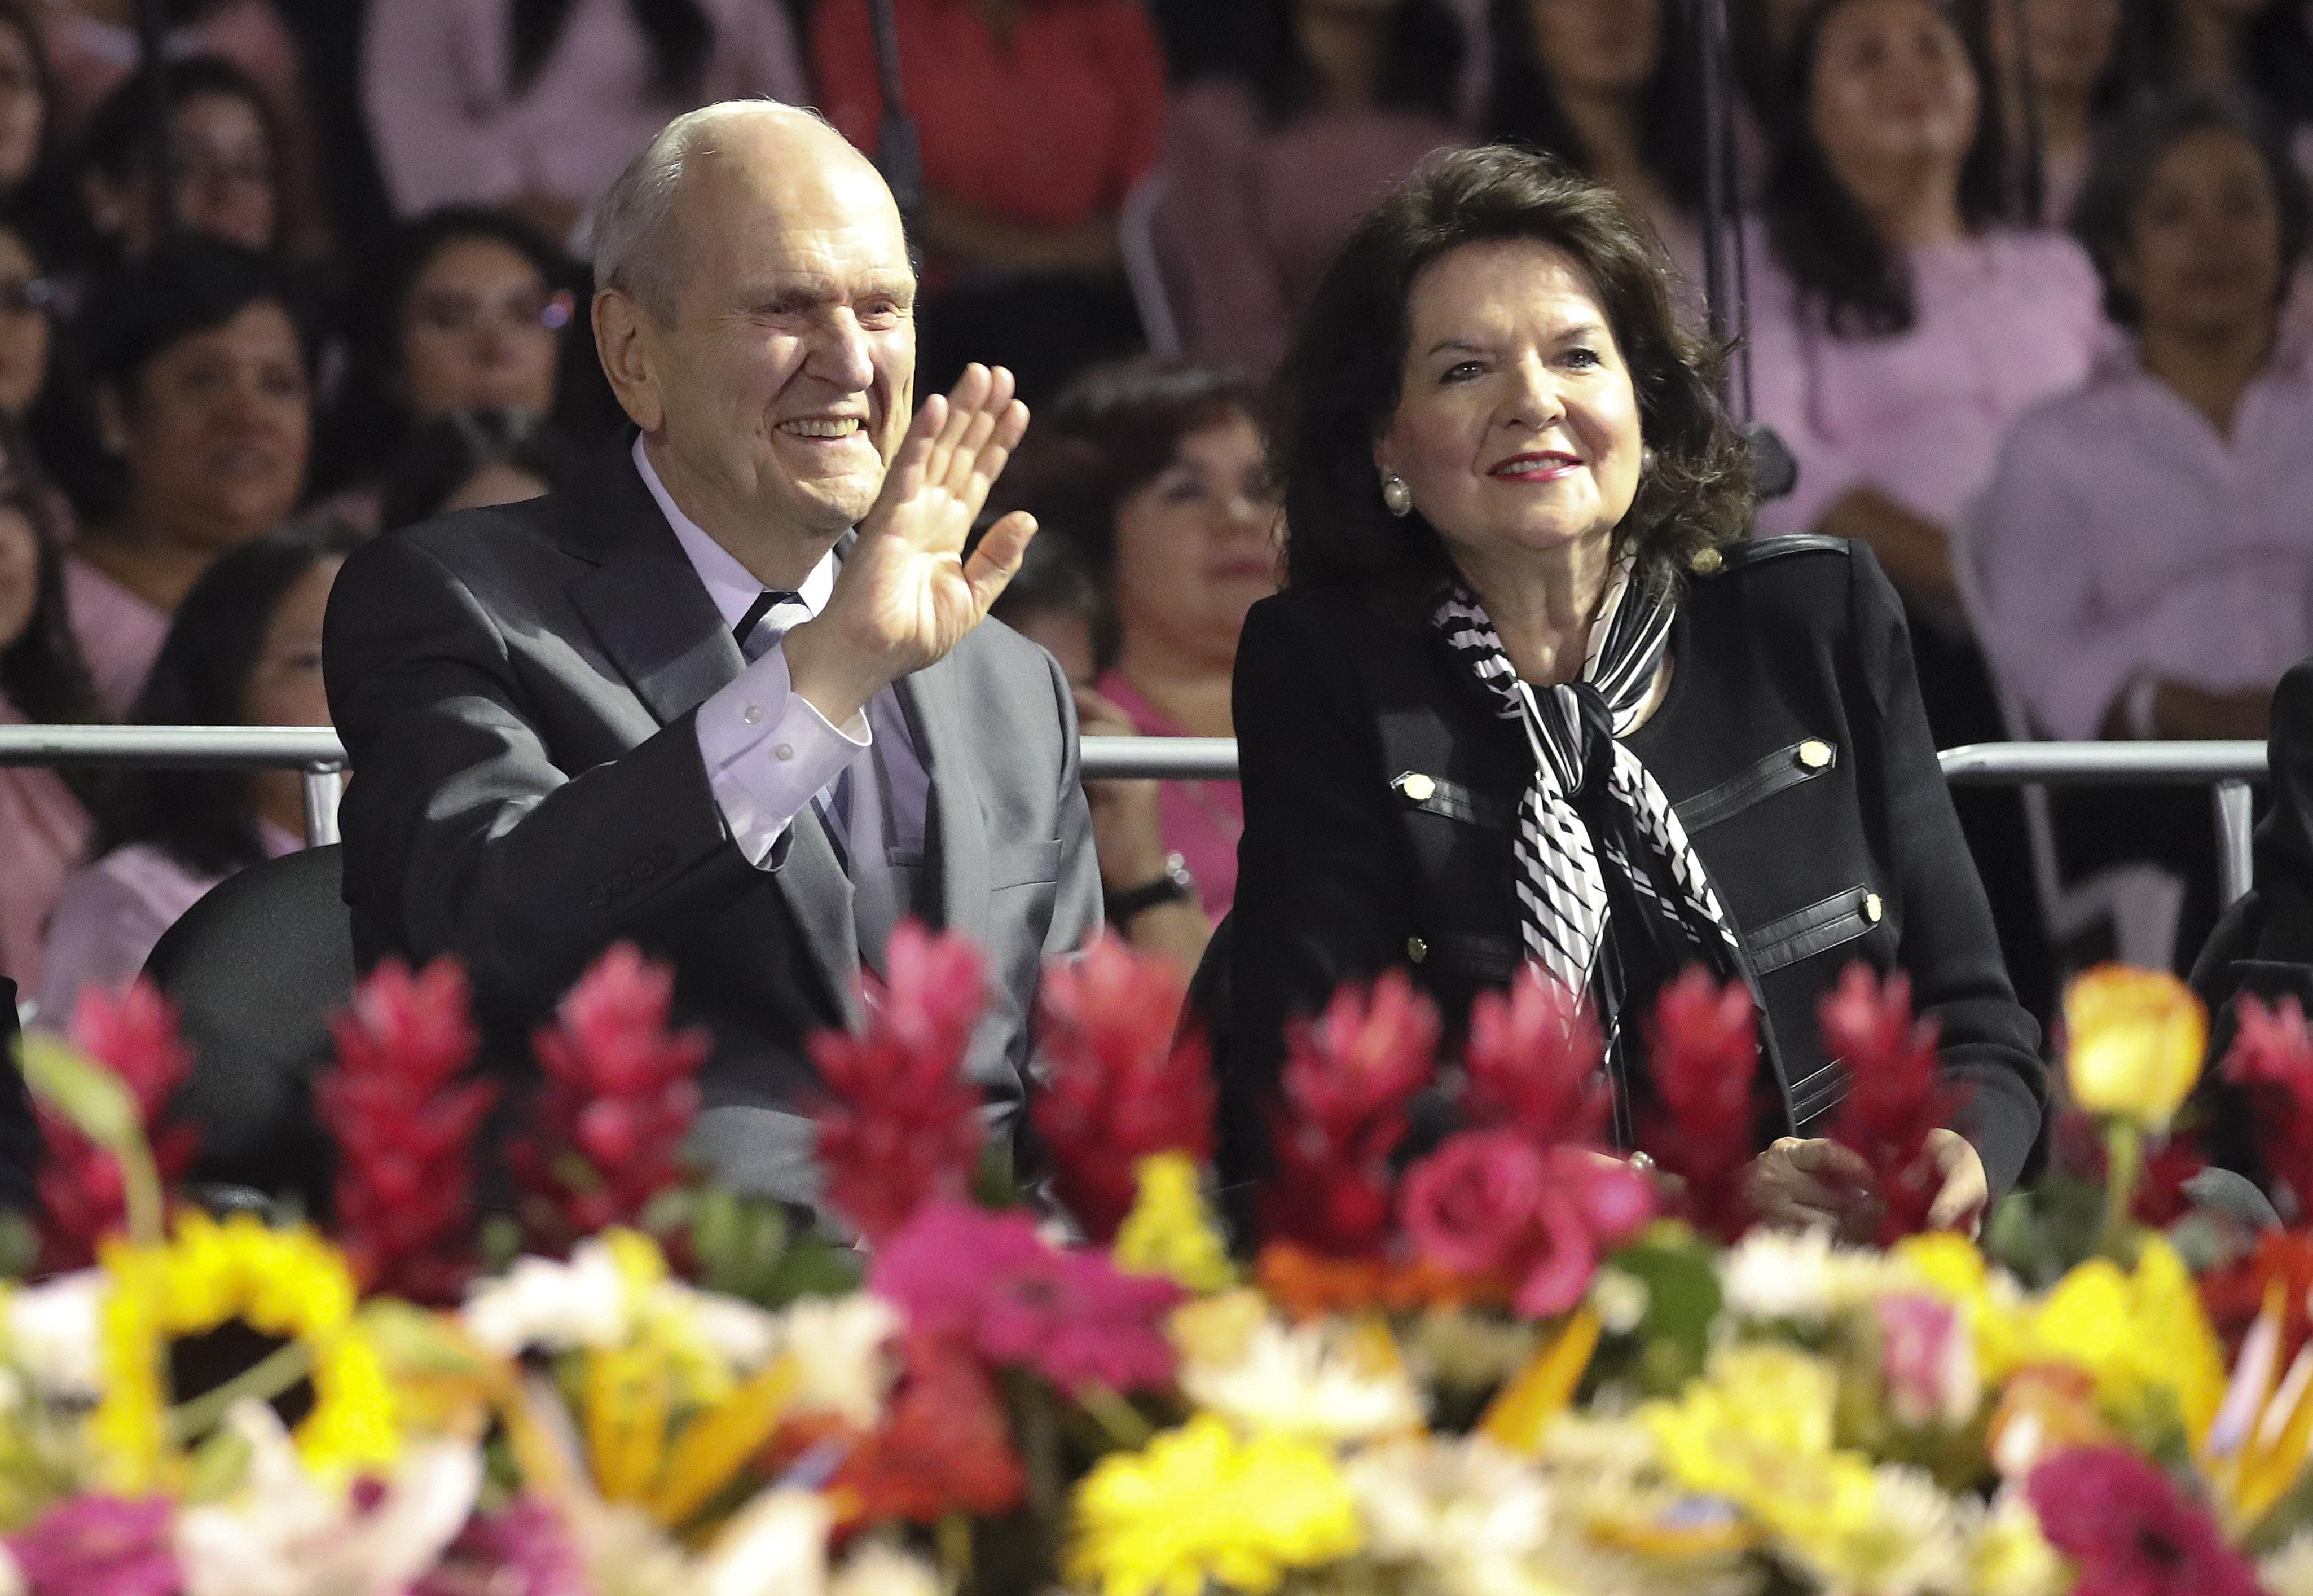 El presidente Russell M. Nelson de La Iglesia de Jesucristo de los Santos de los Últimos Días y su esposa, la hermana Wendy Nelson, saludan a los asistentes antes de un devocional en el Estadio Cementos Progreso, en la Ciudad de Guatemala, el sábado, 24 de agosto de 2019.